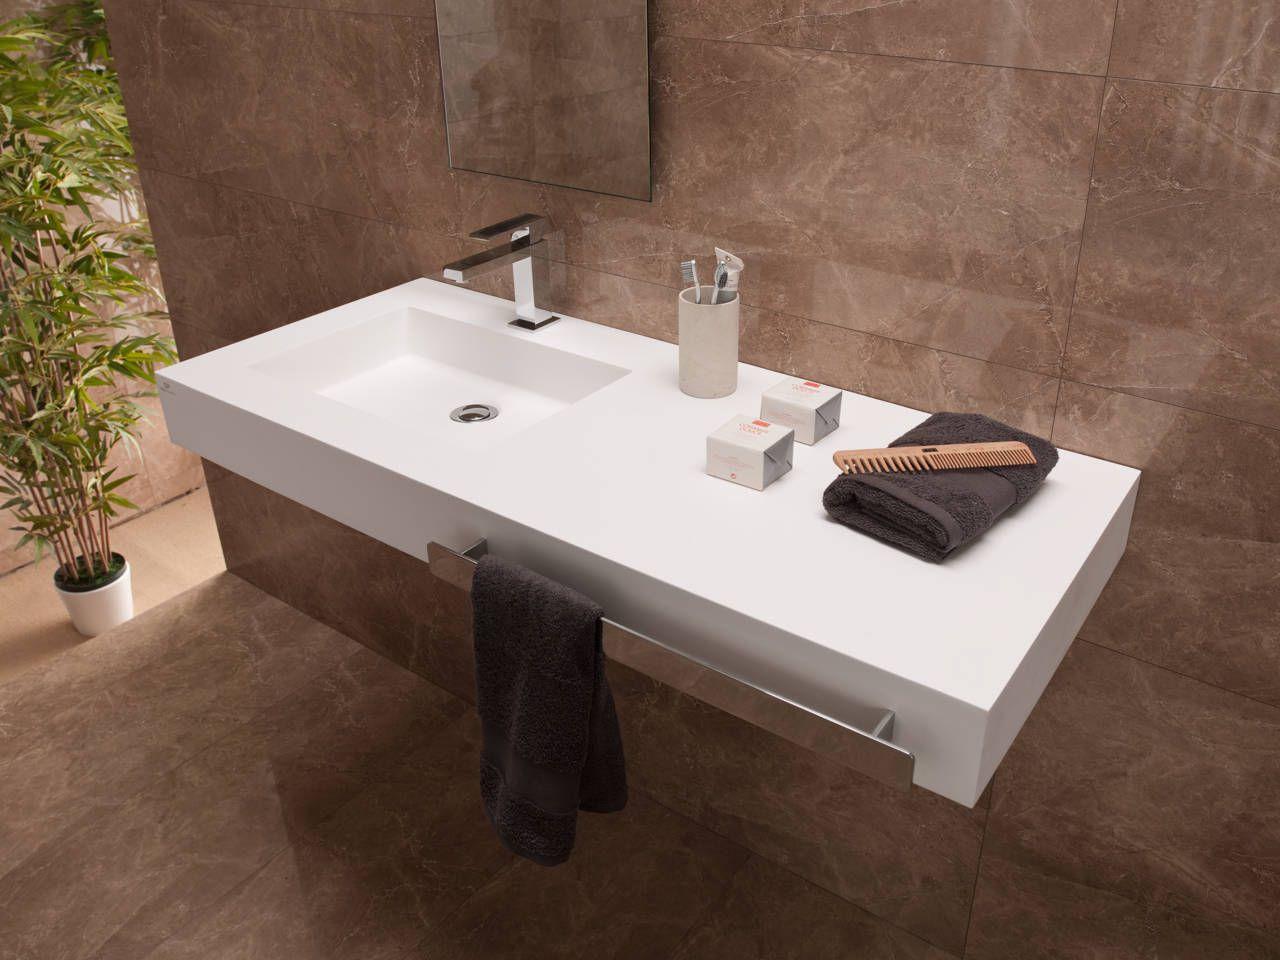 grupo bao blanco encimeras ducha platos armario fregadero de la pared montada moderno cuarto de bao ideas cuarto de bao